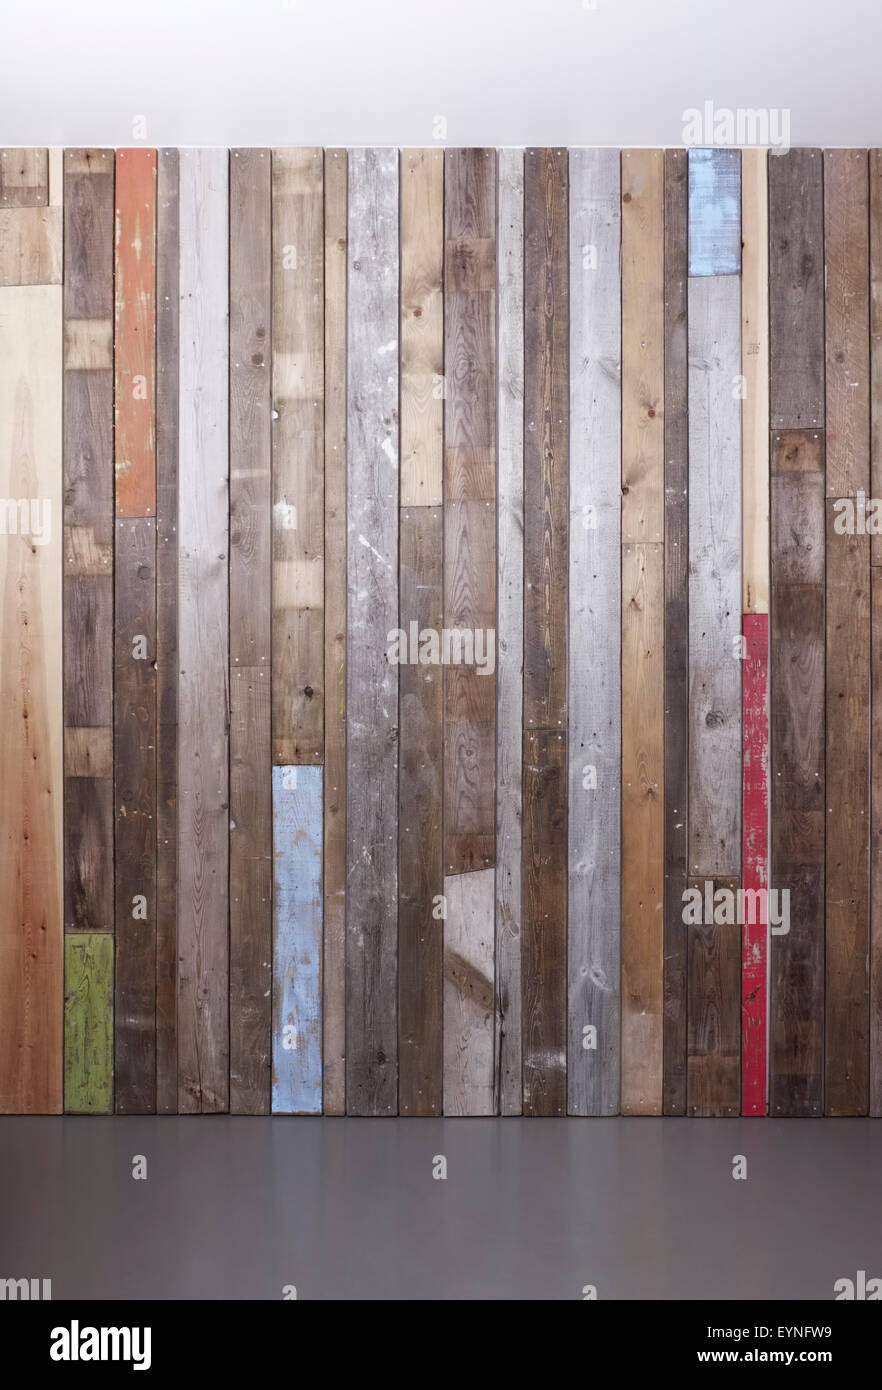 Hintergrund der aufgearbeiteten Holzwand für eine moderne rustikale Optik Stockbild